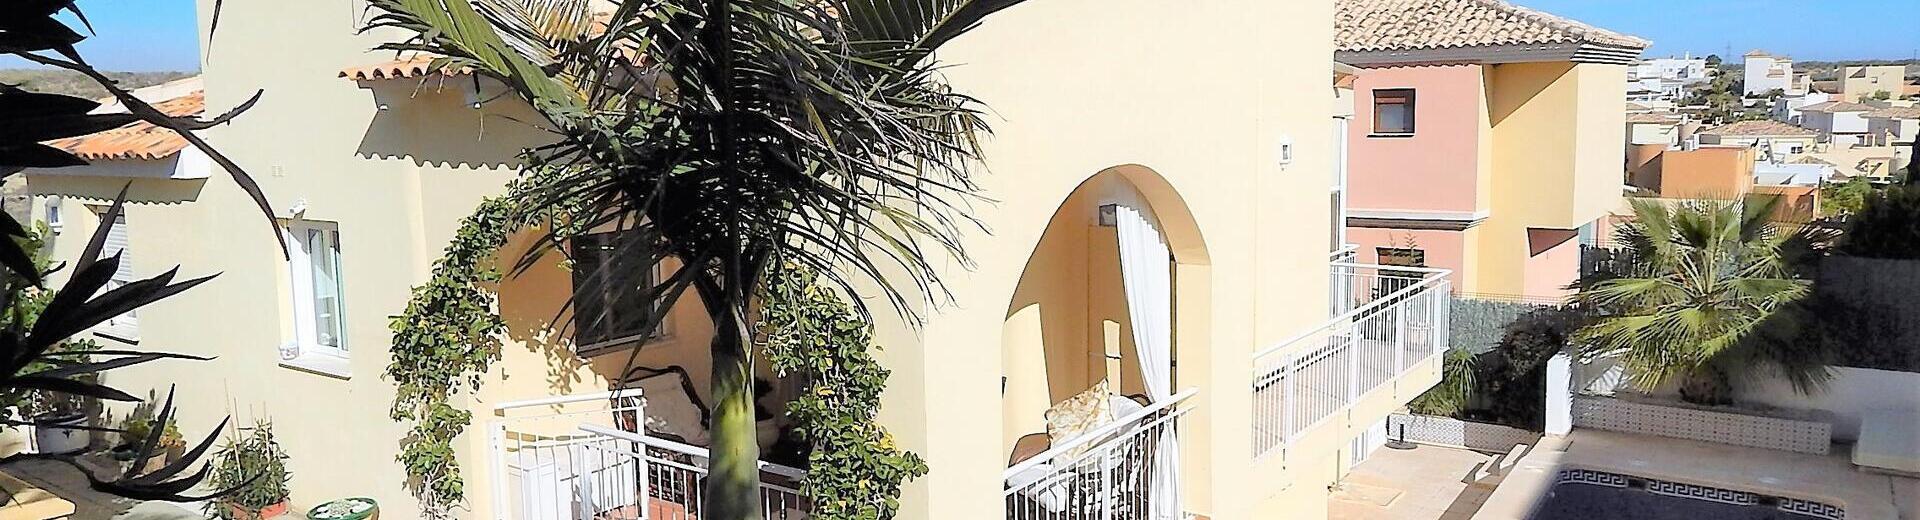 VIP7522: Villa for Sale